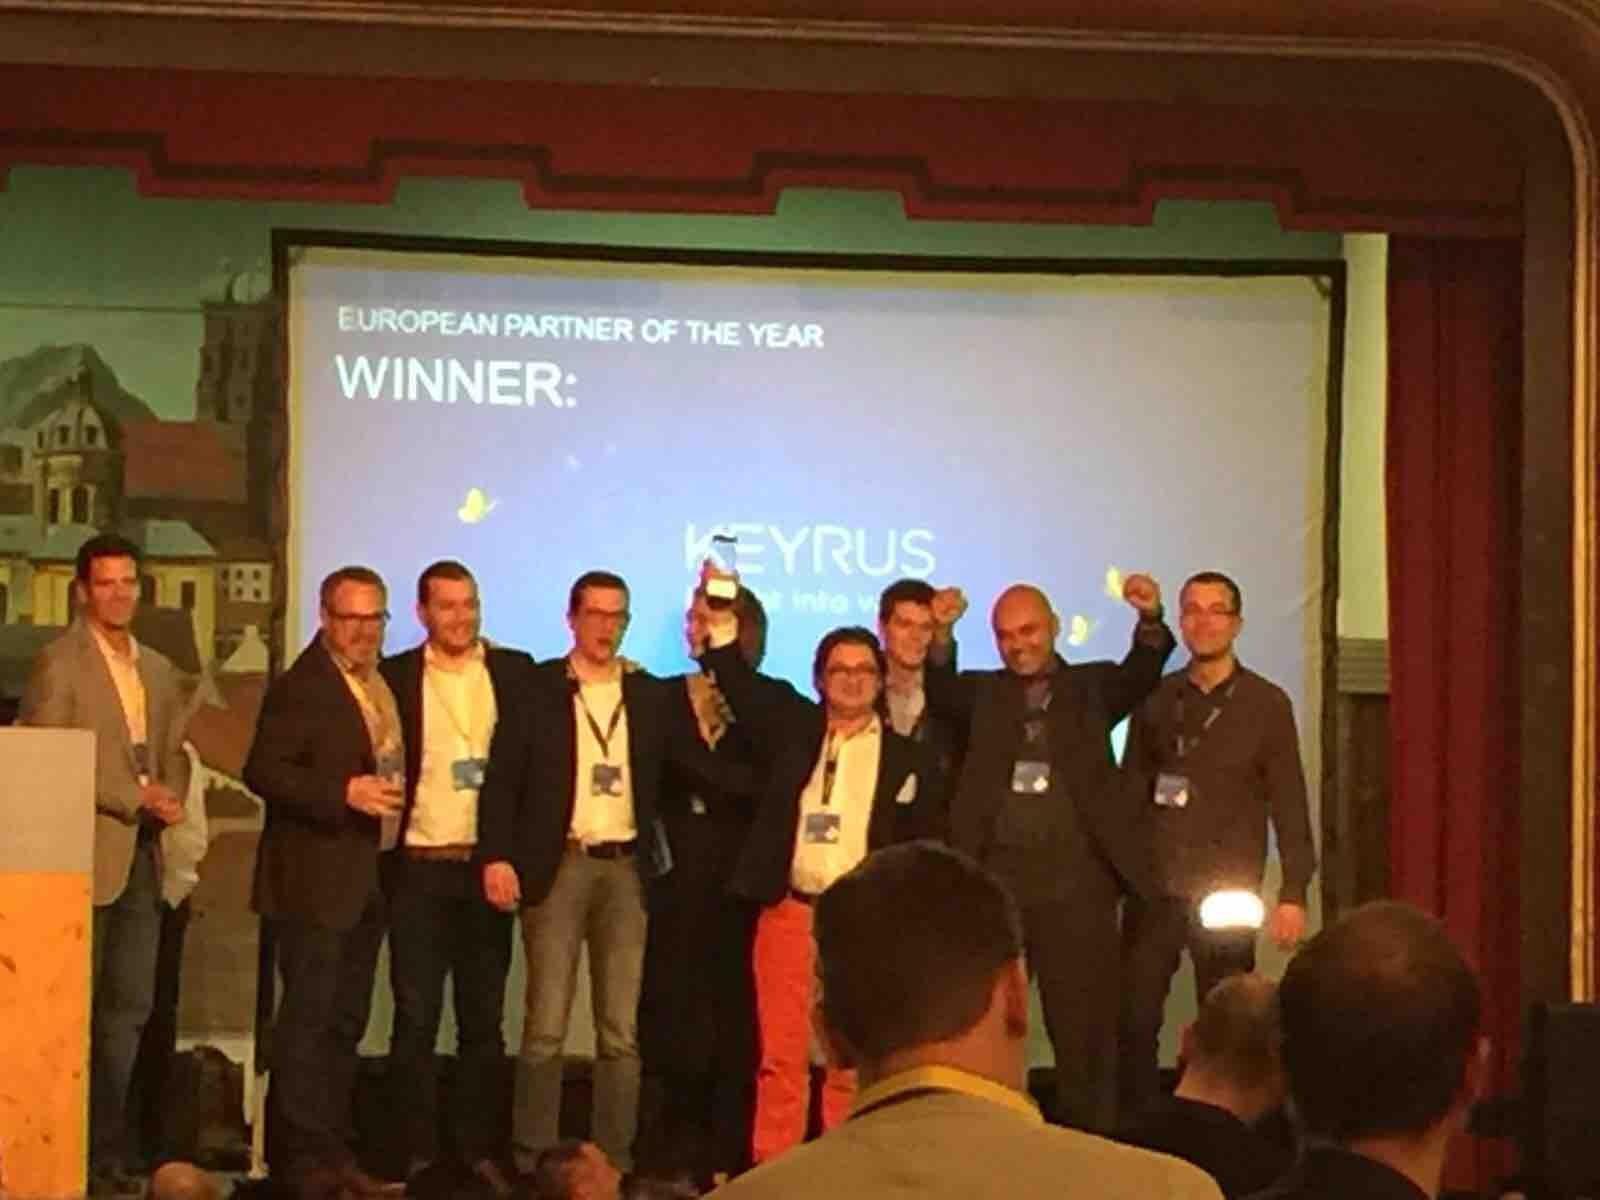 L'an dernier nous avions été désigné parmi les trois meilleurs intégrateurs EMEA de l'année. Cette fois c'est Keyrus qui remporte le titre de meilleur intégrateur Hybris en Europe. Ils ont reçu sur scène leur trophée (au centre: Julien Bidet, business developer de Keyrus, avec qui nous avons échangé en marge de la soirée partenaires)